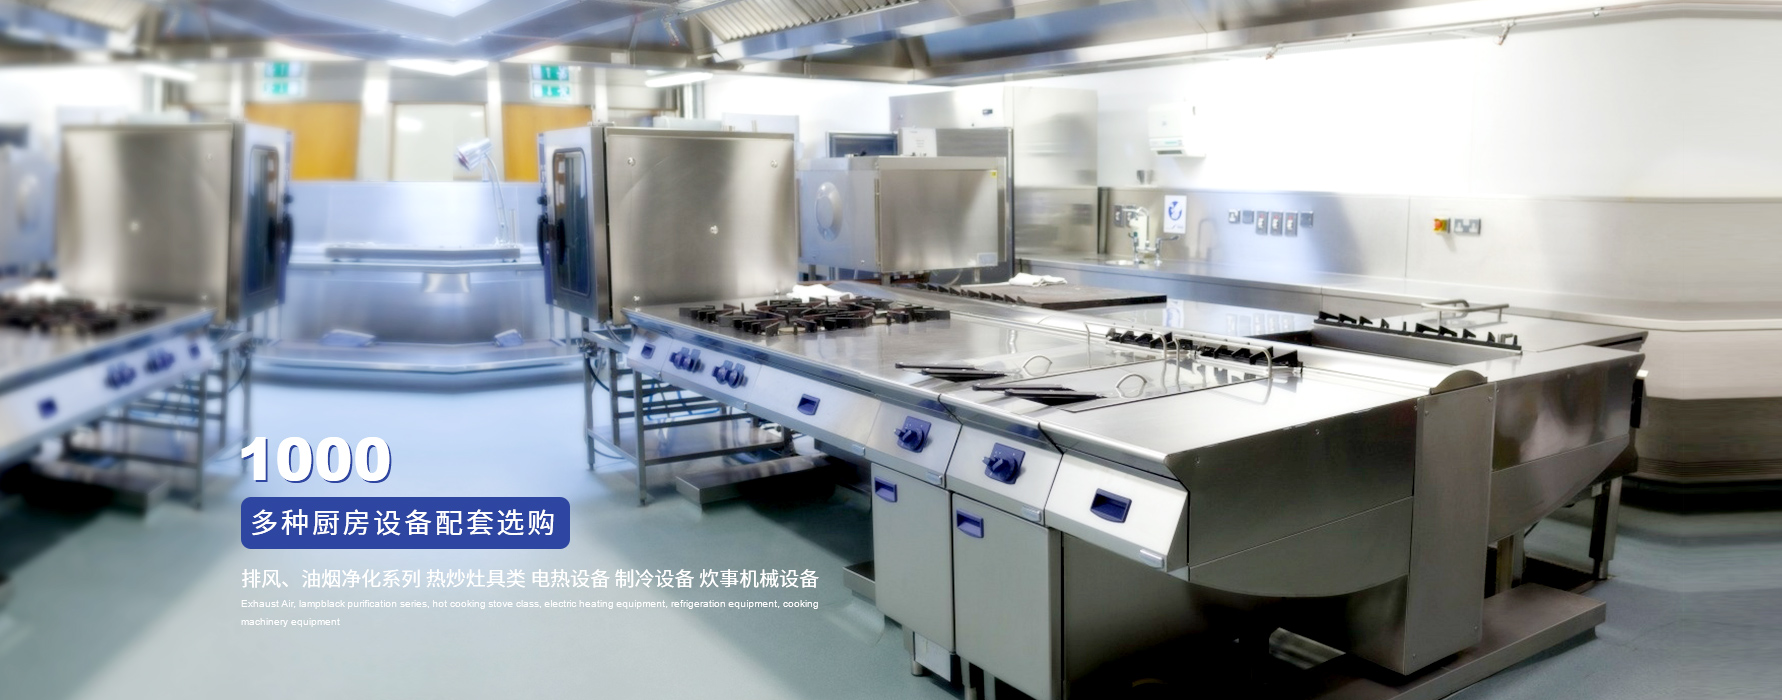 西安厨房灶具